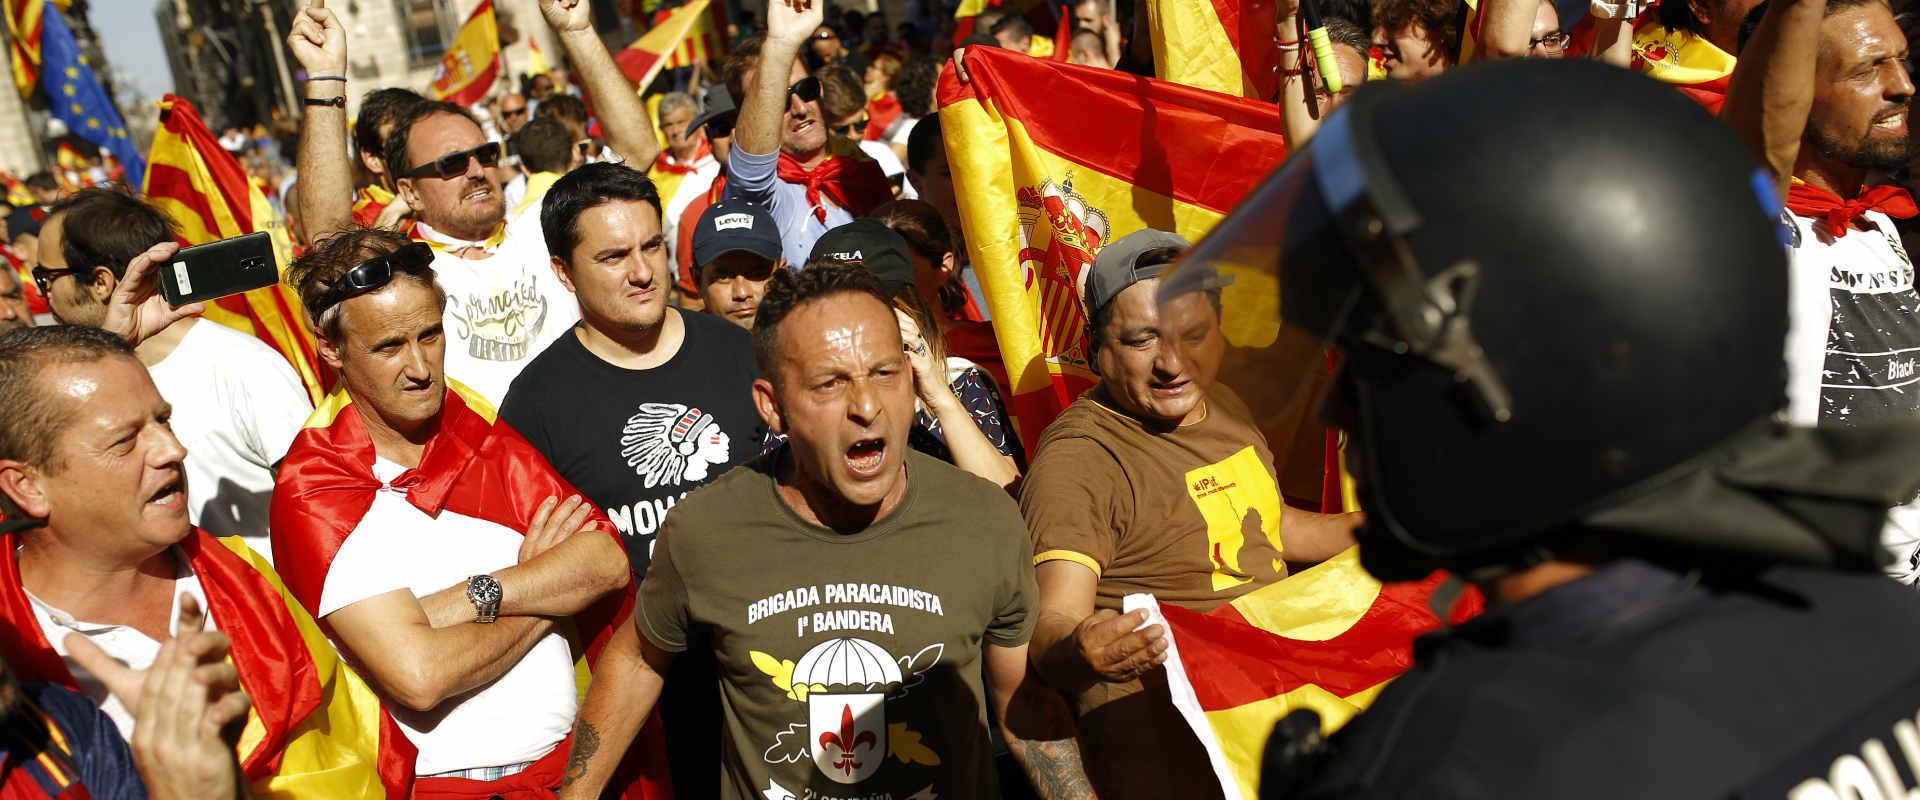 הפגנה בברצלונה נגד ההיפרדות מספרד